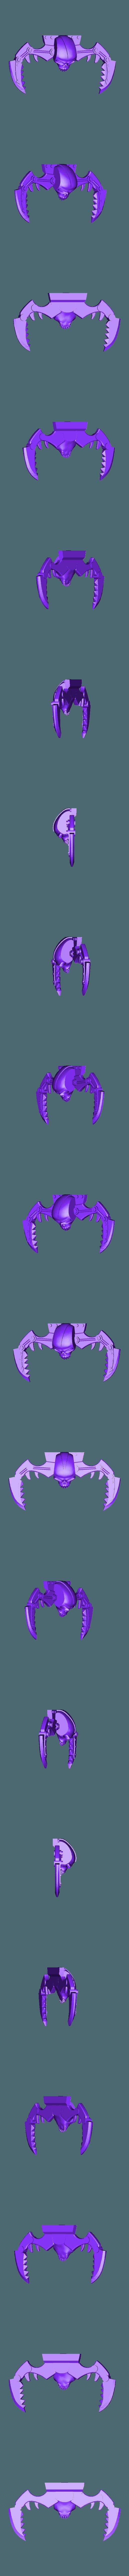 LordGonamCommandShipSkull.stl Télécharger fichier STL gratuit GONAM Lord GONAM Command Command Ship proxy • Plan pour imprimante 3D, barnEbiss2